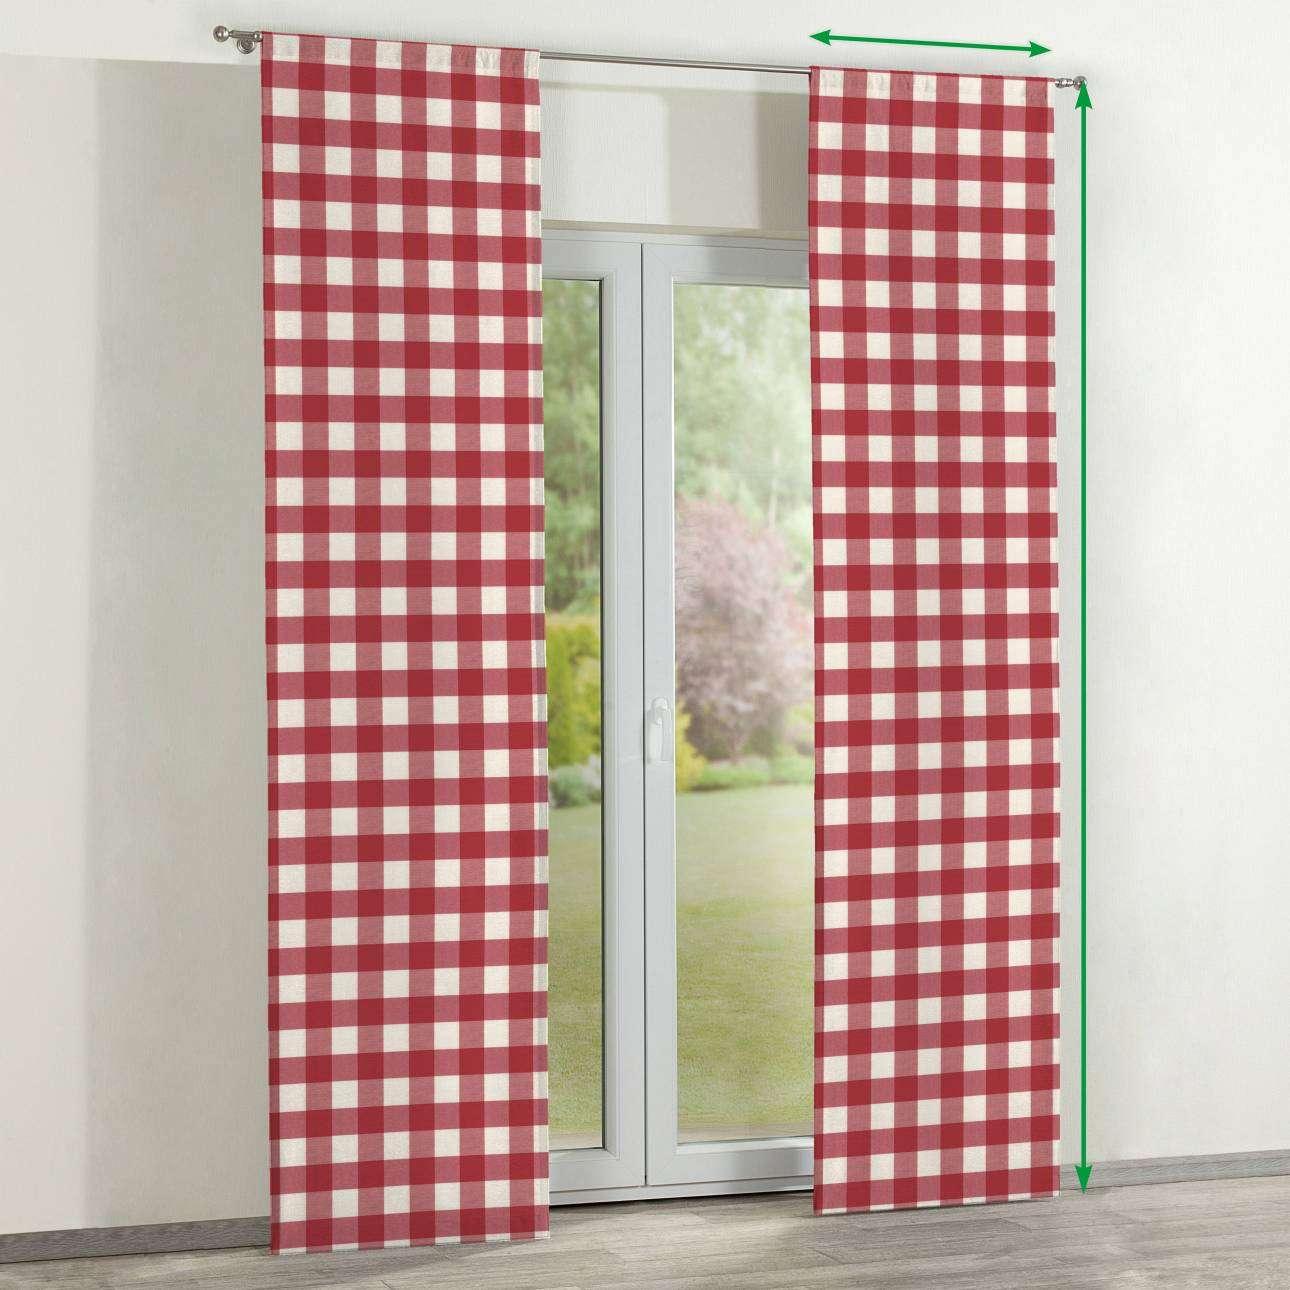 Zasłony panelowe 2 szt. w kolekcji Quadro, tkanina: 136-18